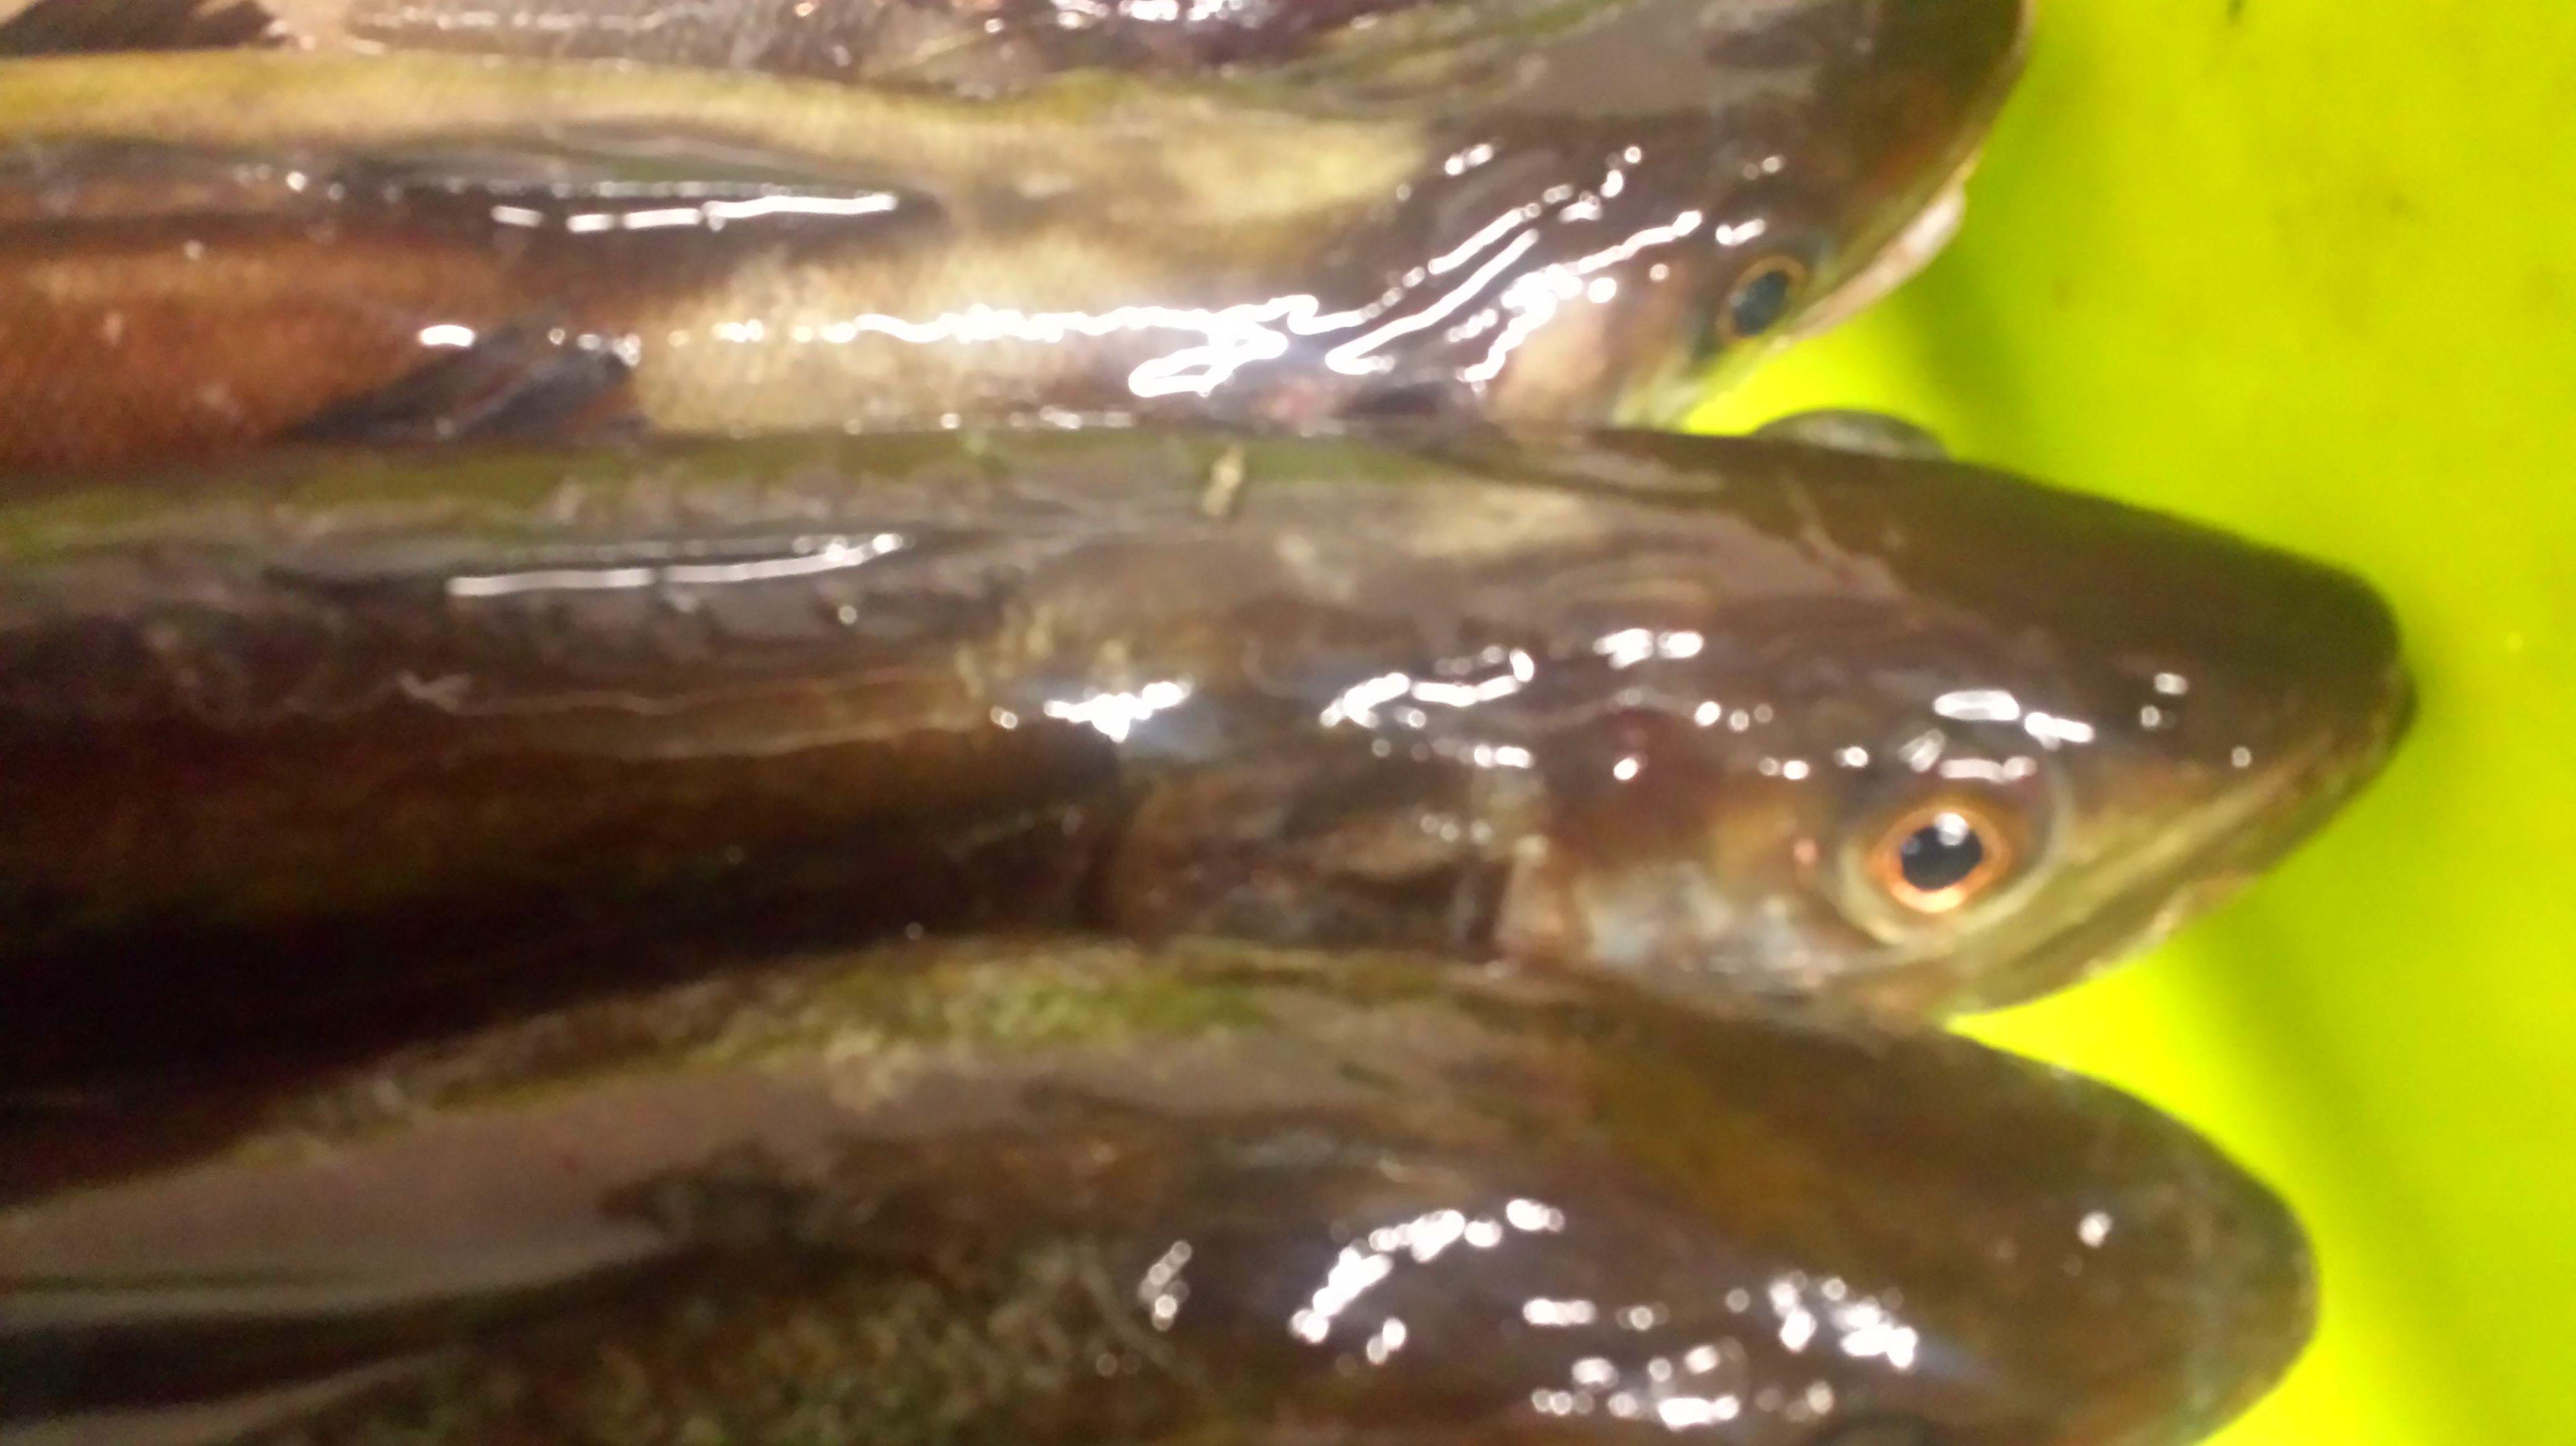 Foto 70 de Venta y distribución de pescados y mariscos del Cantábrico en Gijón | Pescastur